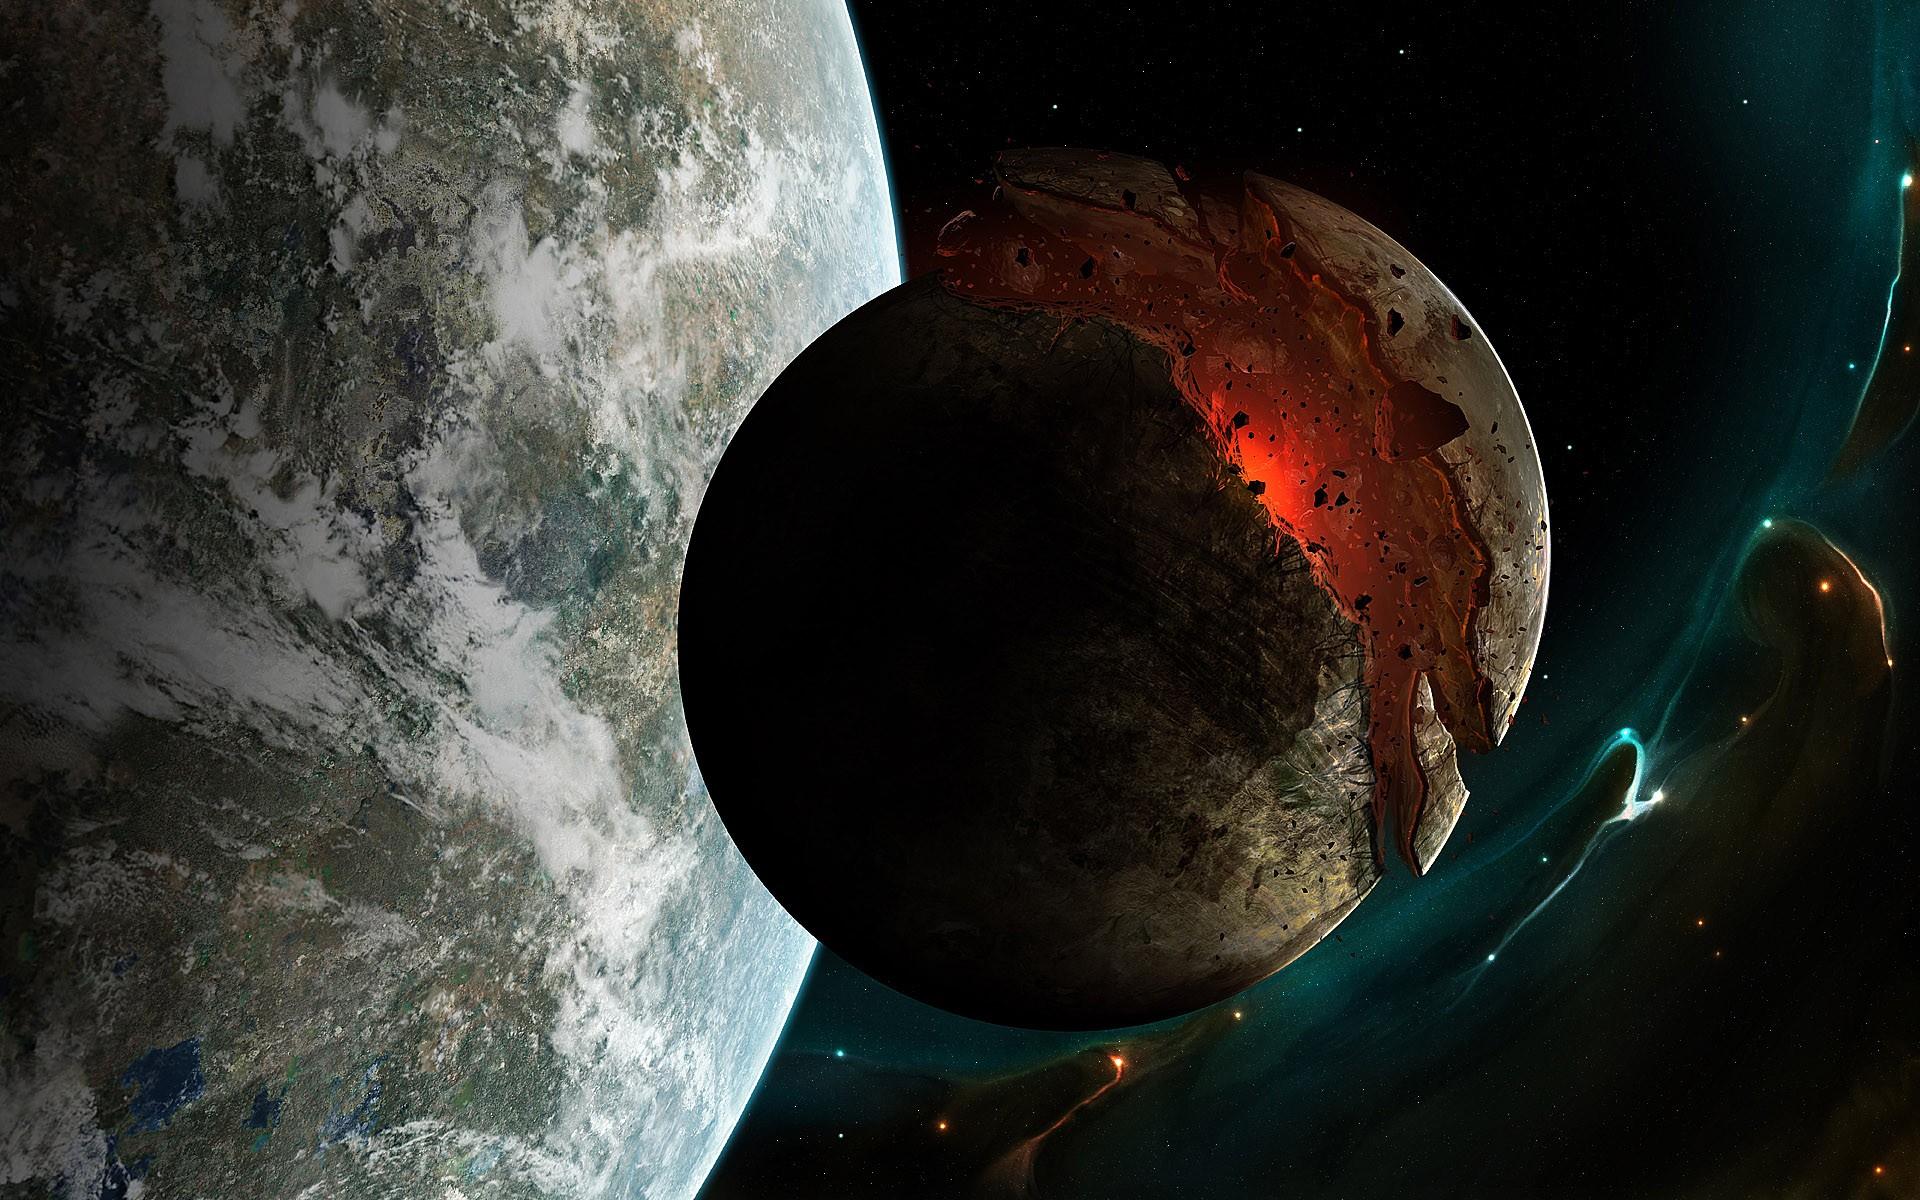 Обои Разрушенная планета, корабль картинки на рабочий стол на тему Космос - скачать  № 3552436 бесплатно